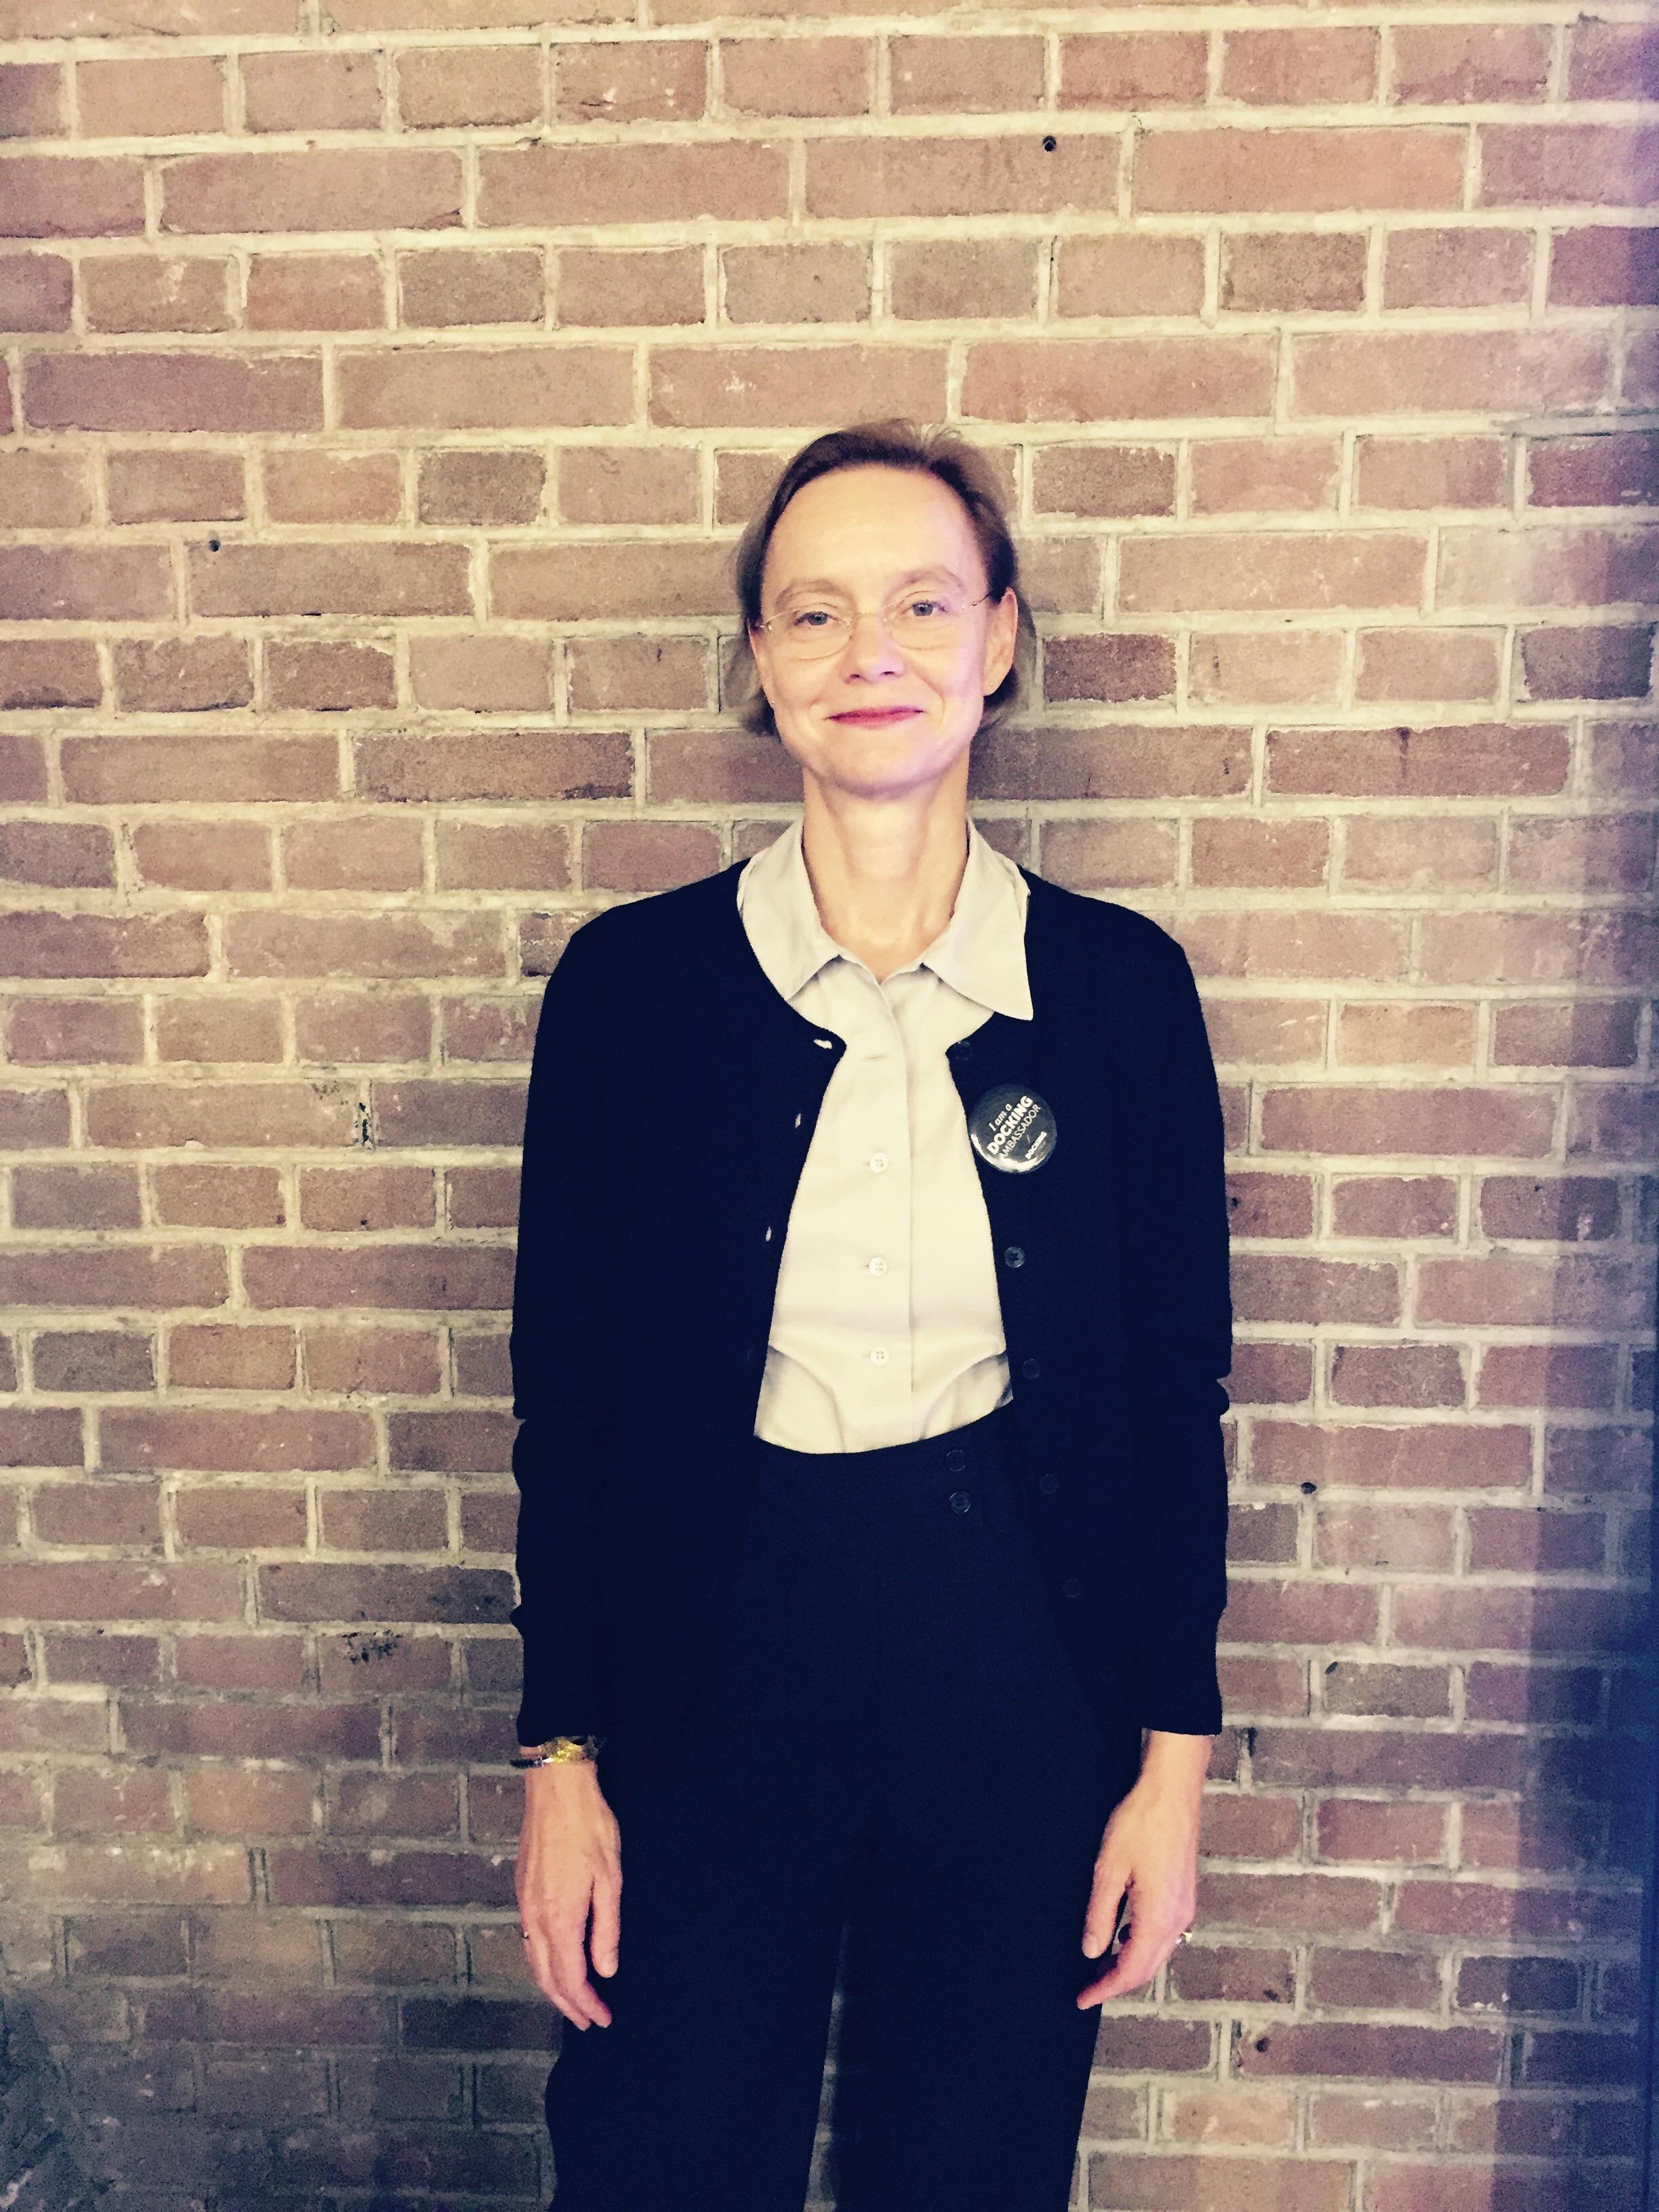 ANNA TELLGREN    Curator at Moderna Museet, Sweden